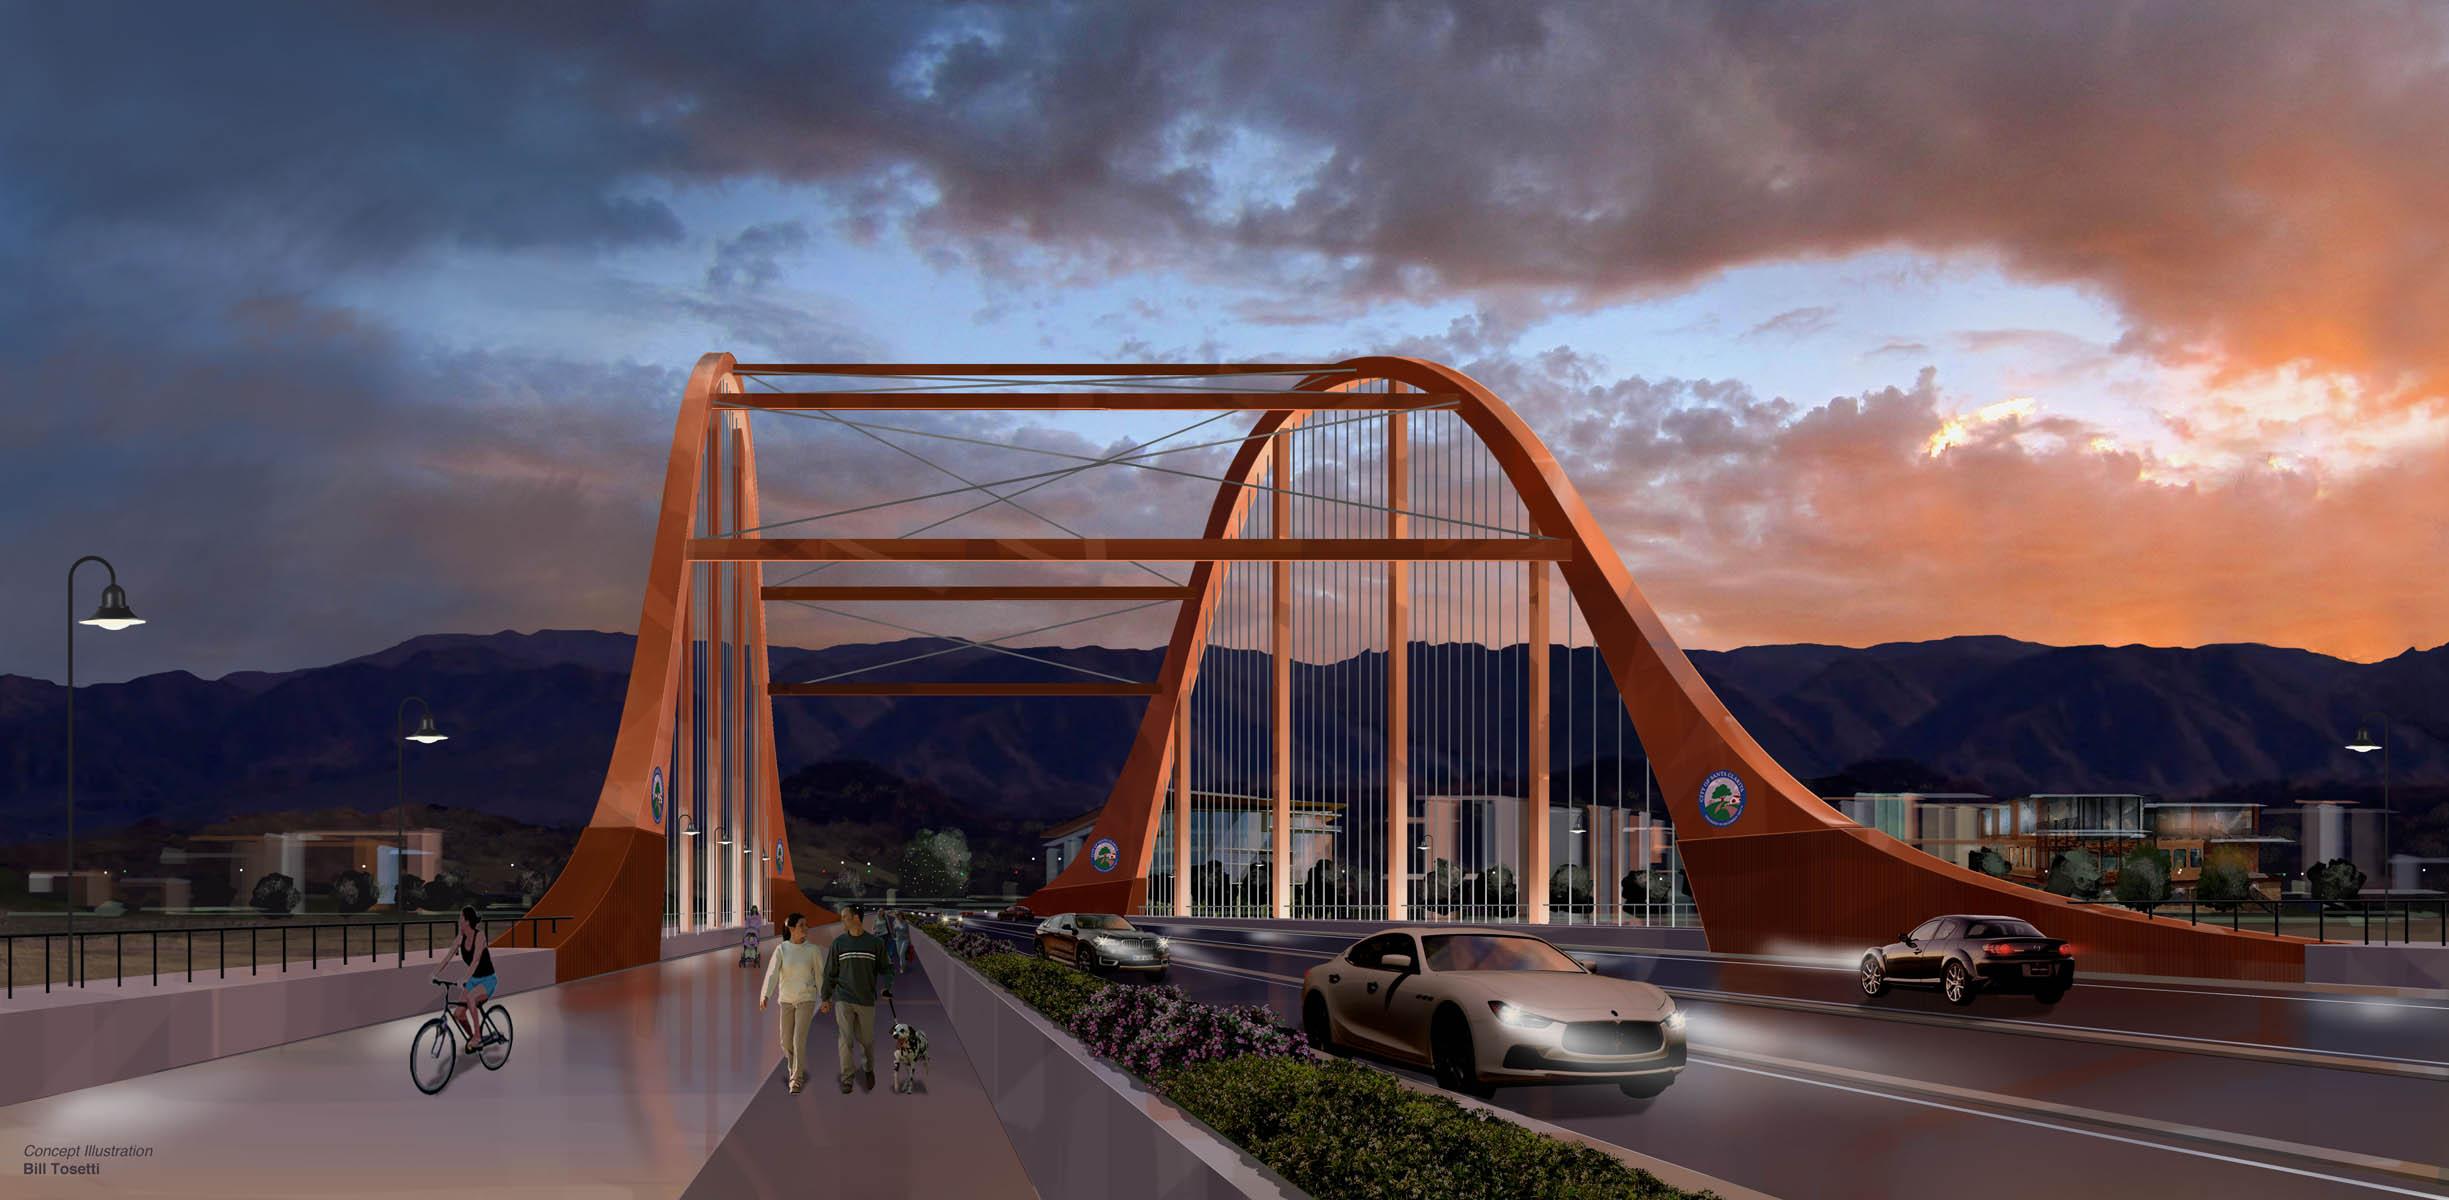 Conceptual illustration Vista Canyon Bridge Santa Clarita, CA